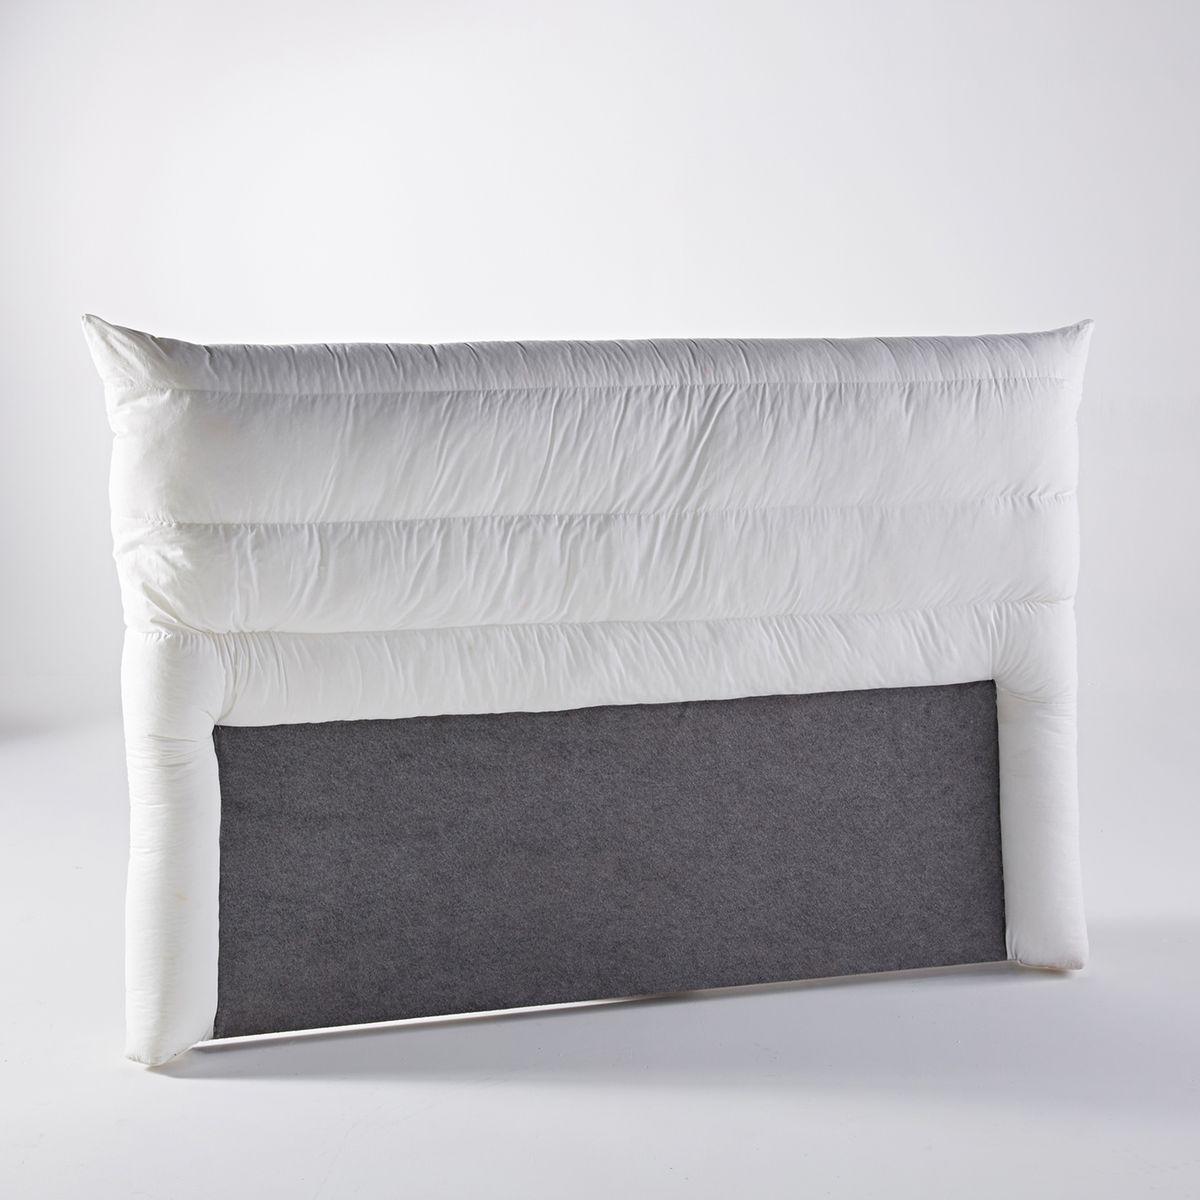 Tête de lit à housser H130 cm, Mereson